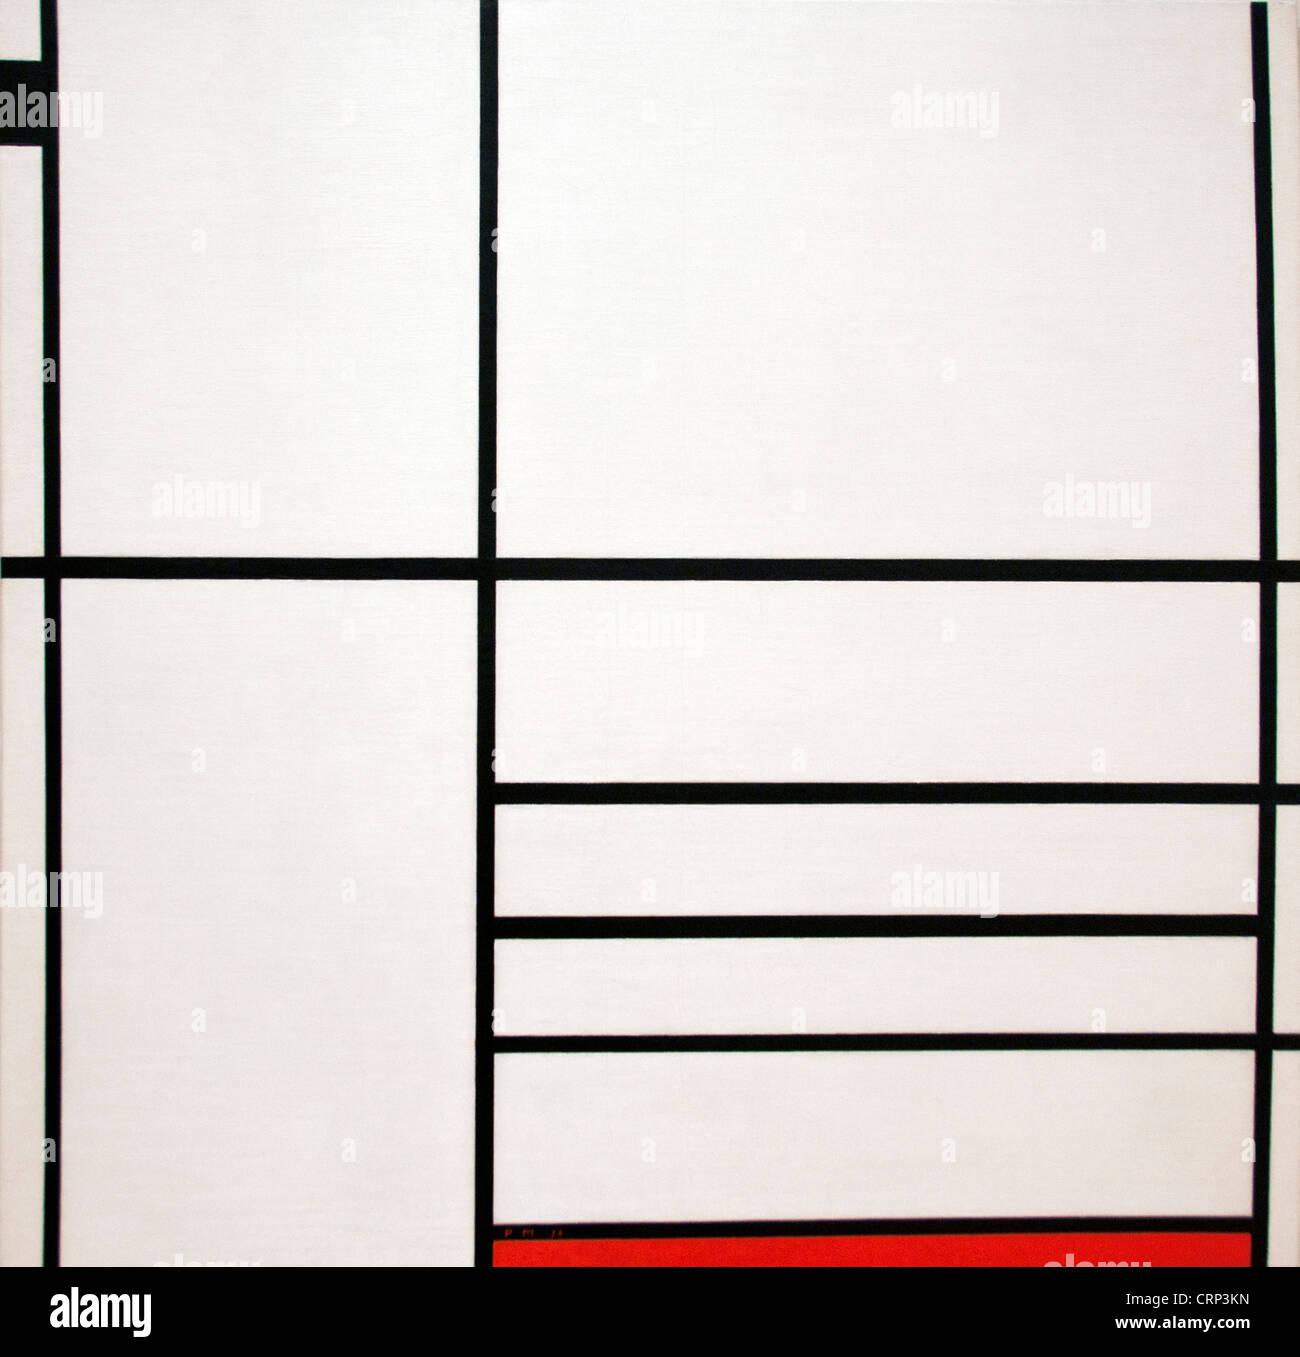 Composición en blanco negro y rojo 1936 Piet Mondrian - Mondriaan Holanda Holandesa Imagen De Stock